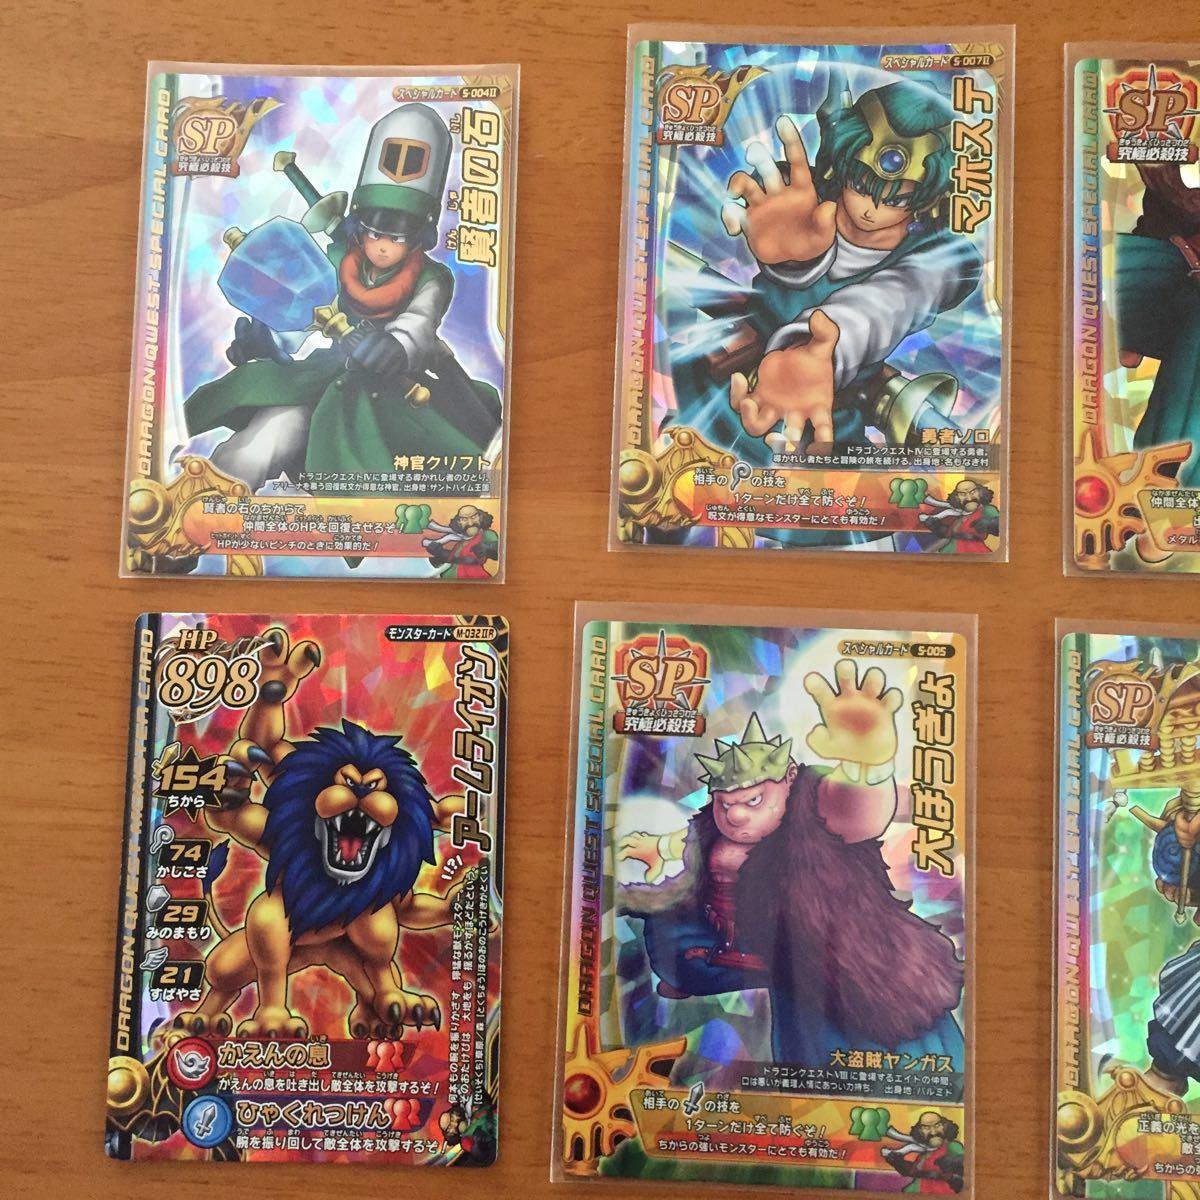 ドラゴンクエスト モンスター バトルロード SPカード など 16枚セット 500円_画像2